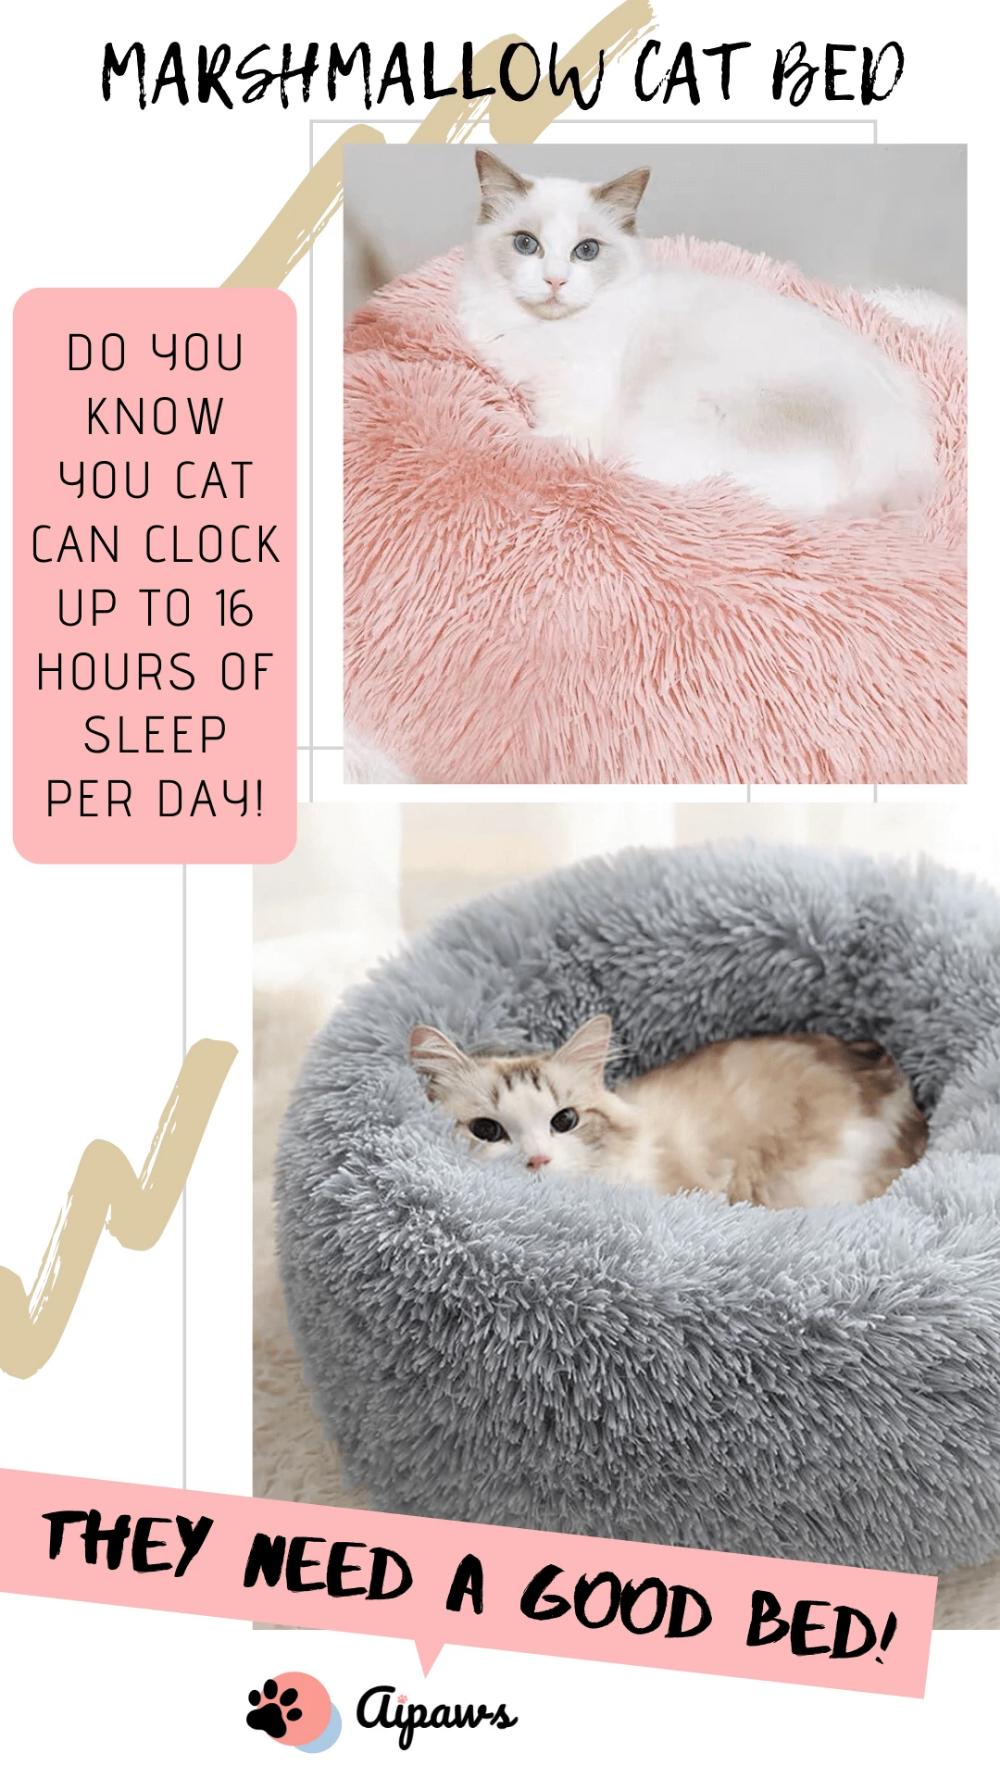 Rainbow Marshmallow Cat Bed Calming cat, Cute cats